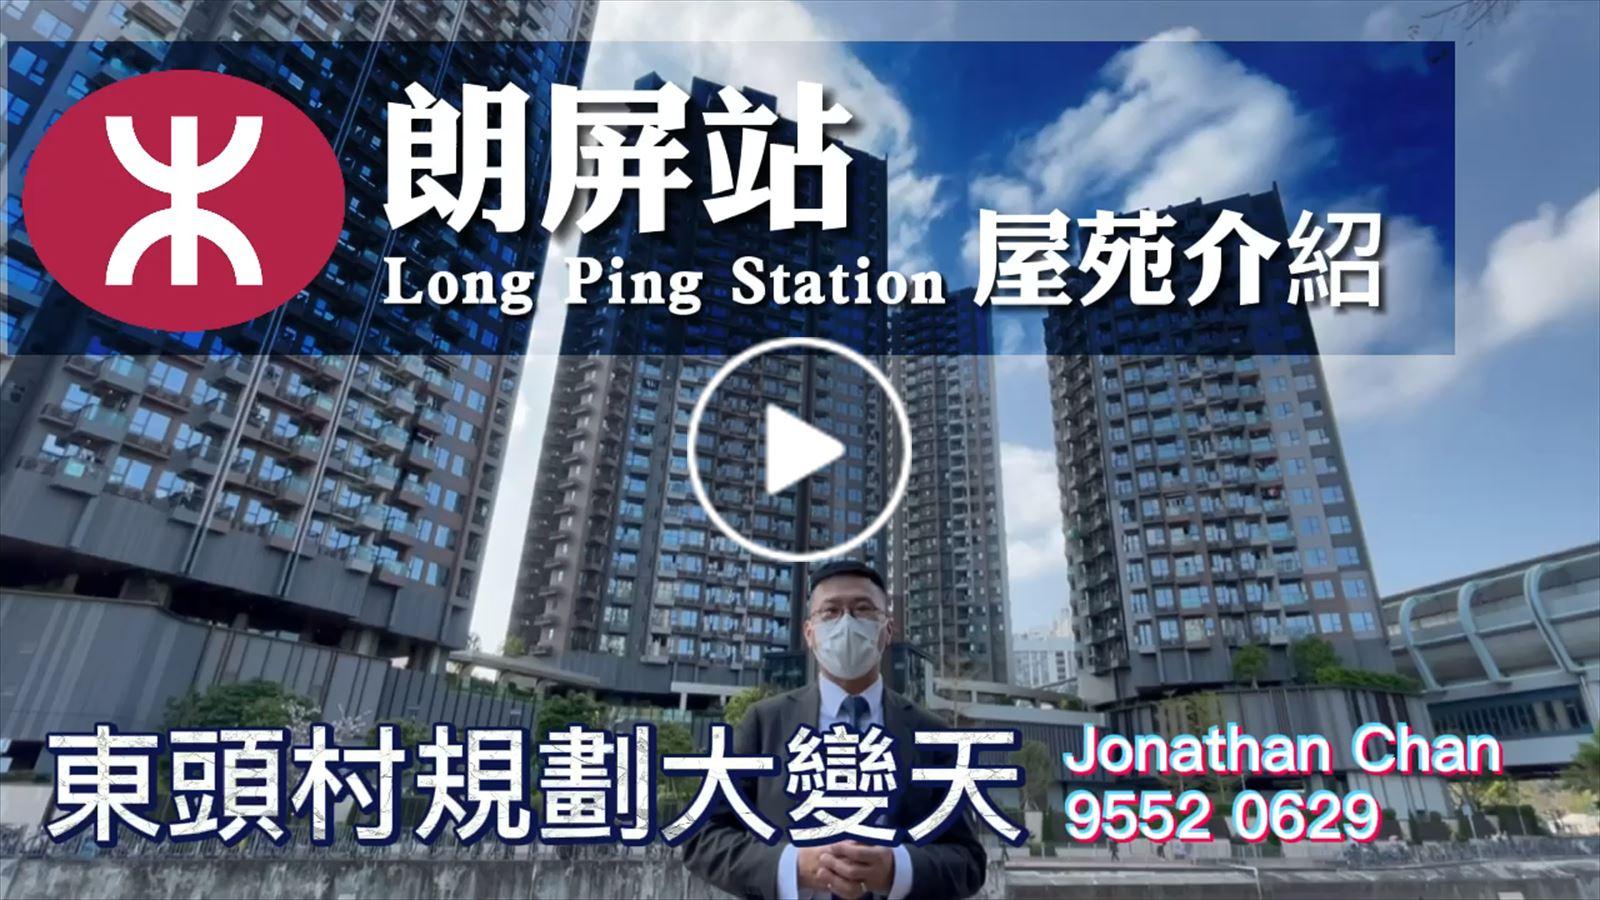 屋苑情報 朗屏站屋苑介紹 東頭邨未來發展規劃大變天 最平鐵路站上車盤